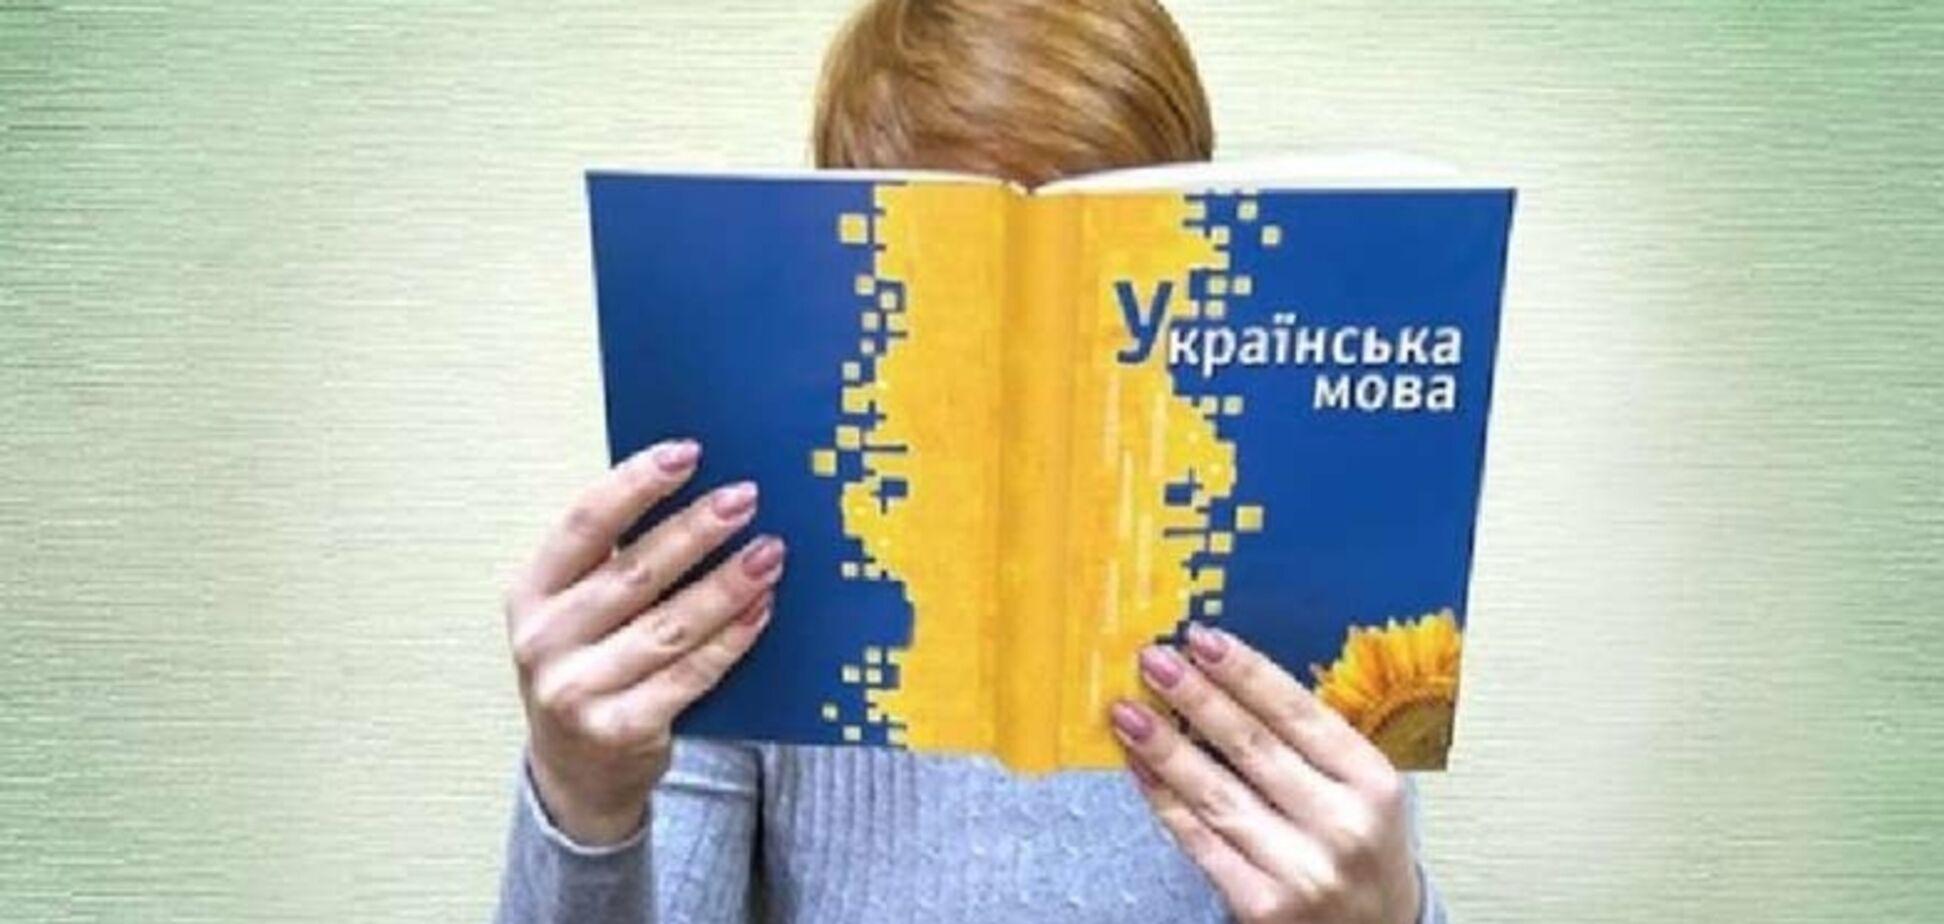 Автохтон, фавна и дитирамб: новое украинское правописание вступило в силу